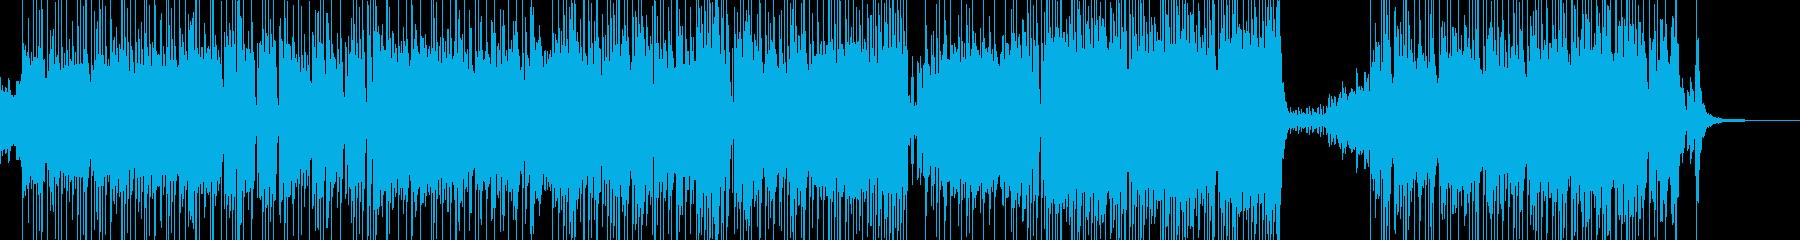 胸キュン・可愛い雰囲気のポップス 短尺の再生済みの波形